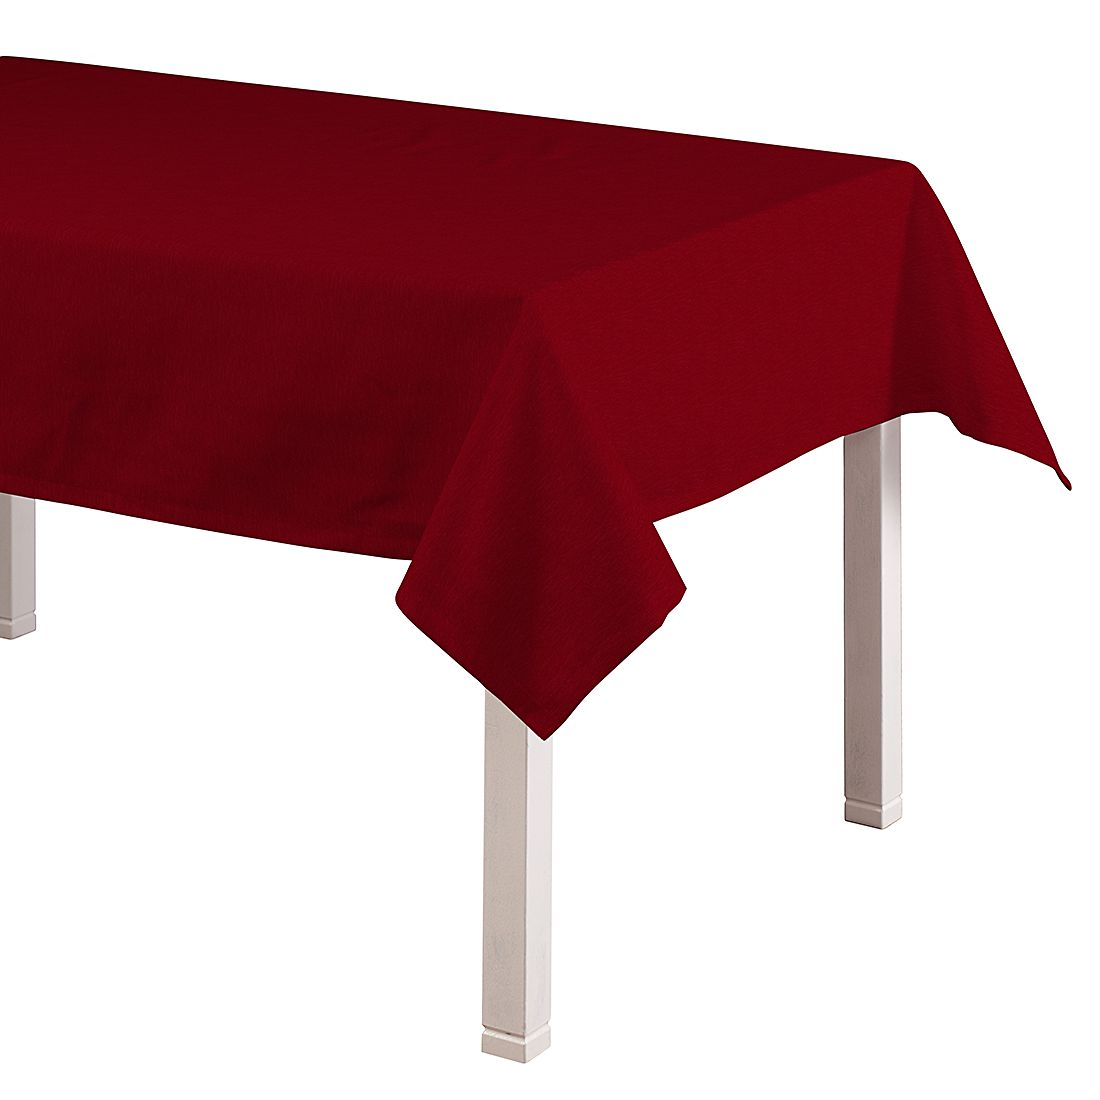 Tischdecke Atago – Bordeaux – 130 x 130 cm, Dekoria jetzt kaufen